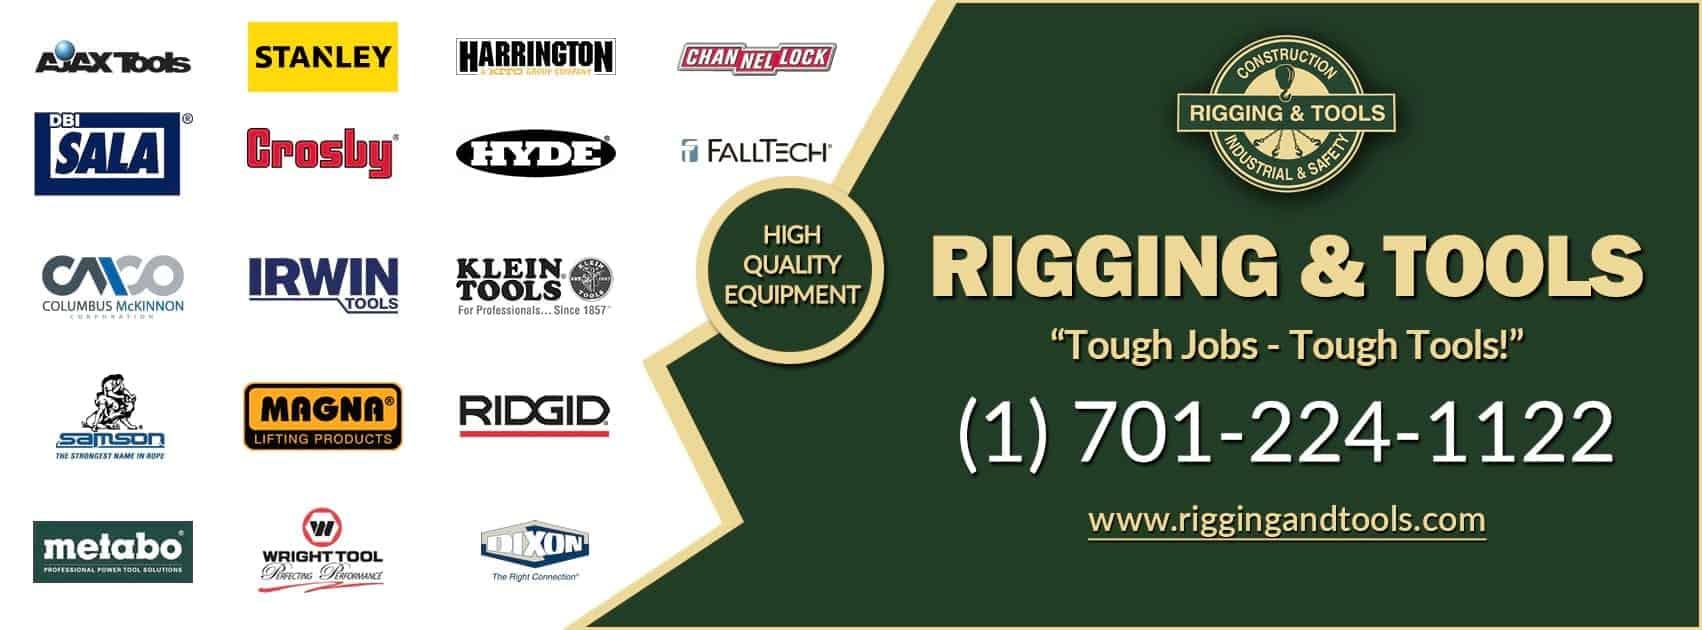 Rigging & Tools 2